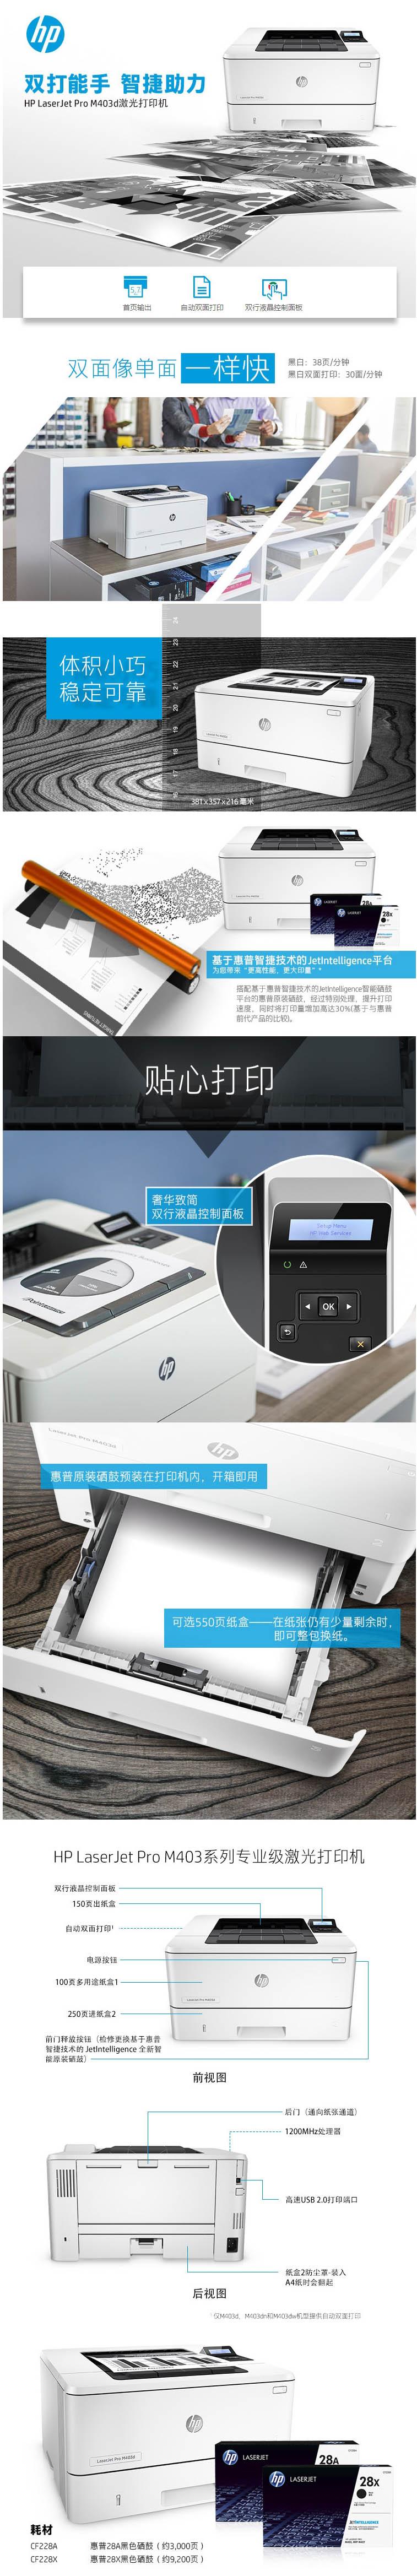 惠普(HP)LaserJet Pro M403d 黑白激光打印机.jpg